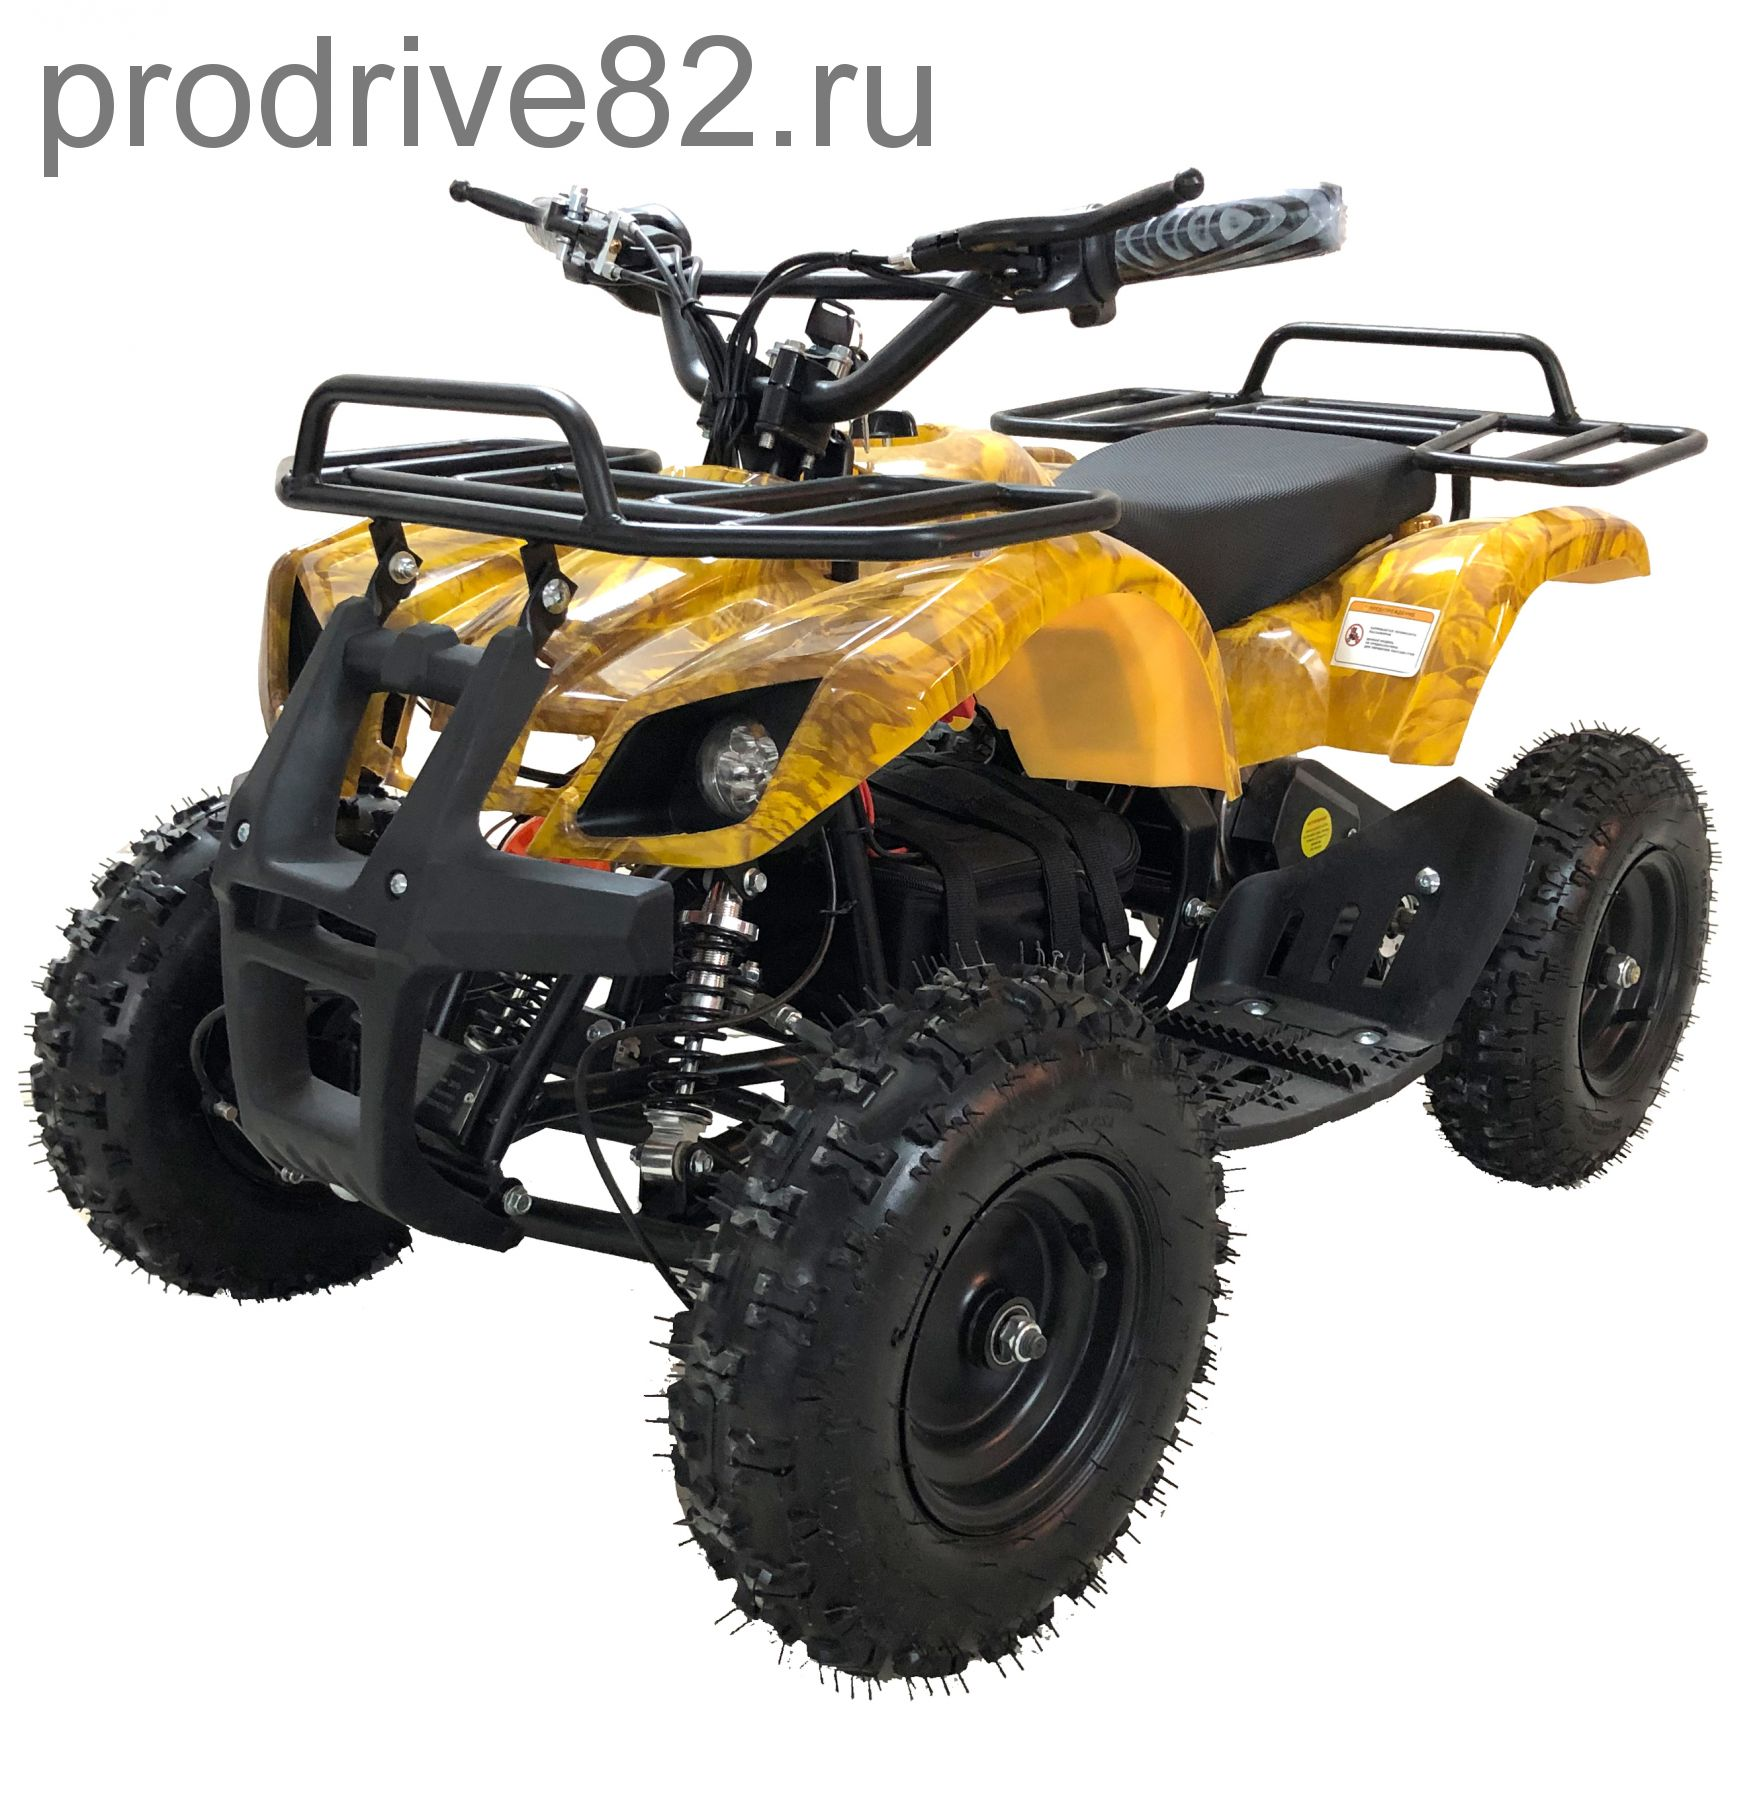 MOTAX Mini Grizlik Х-16 1000W Электроквадроцикл